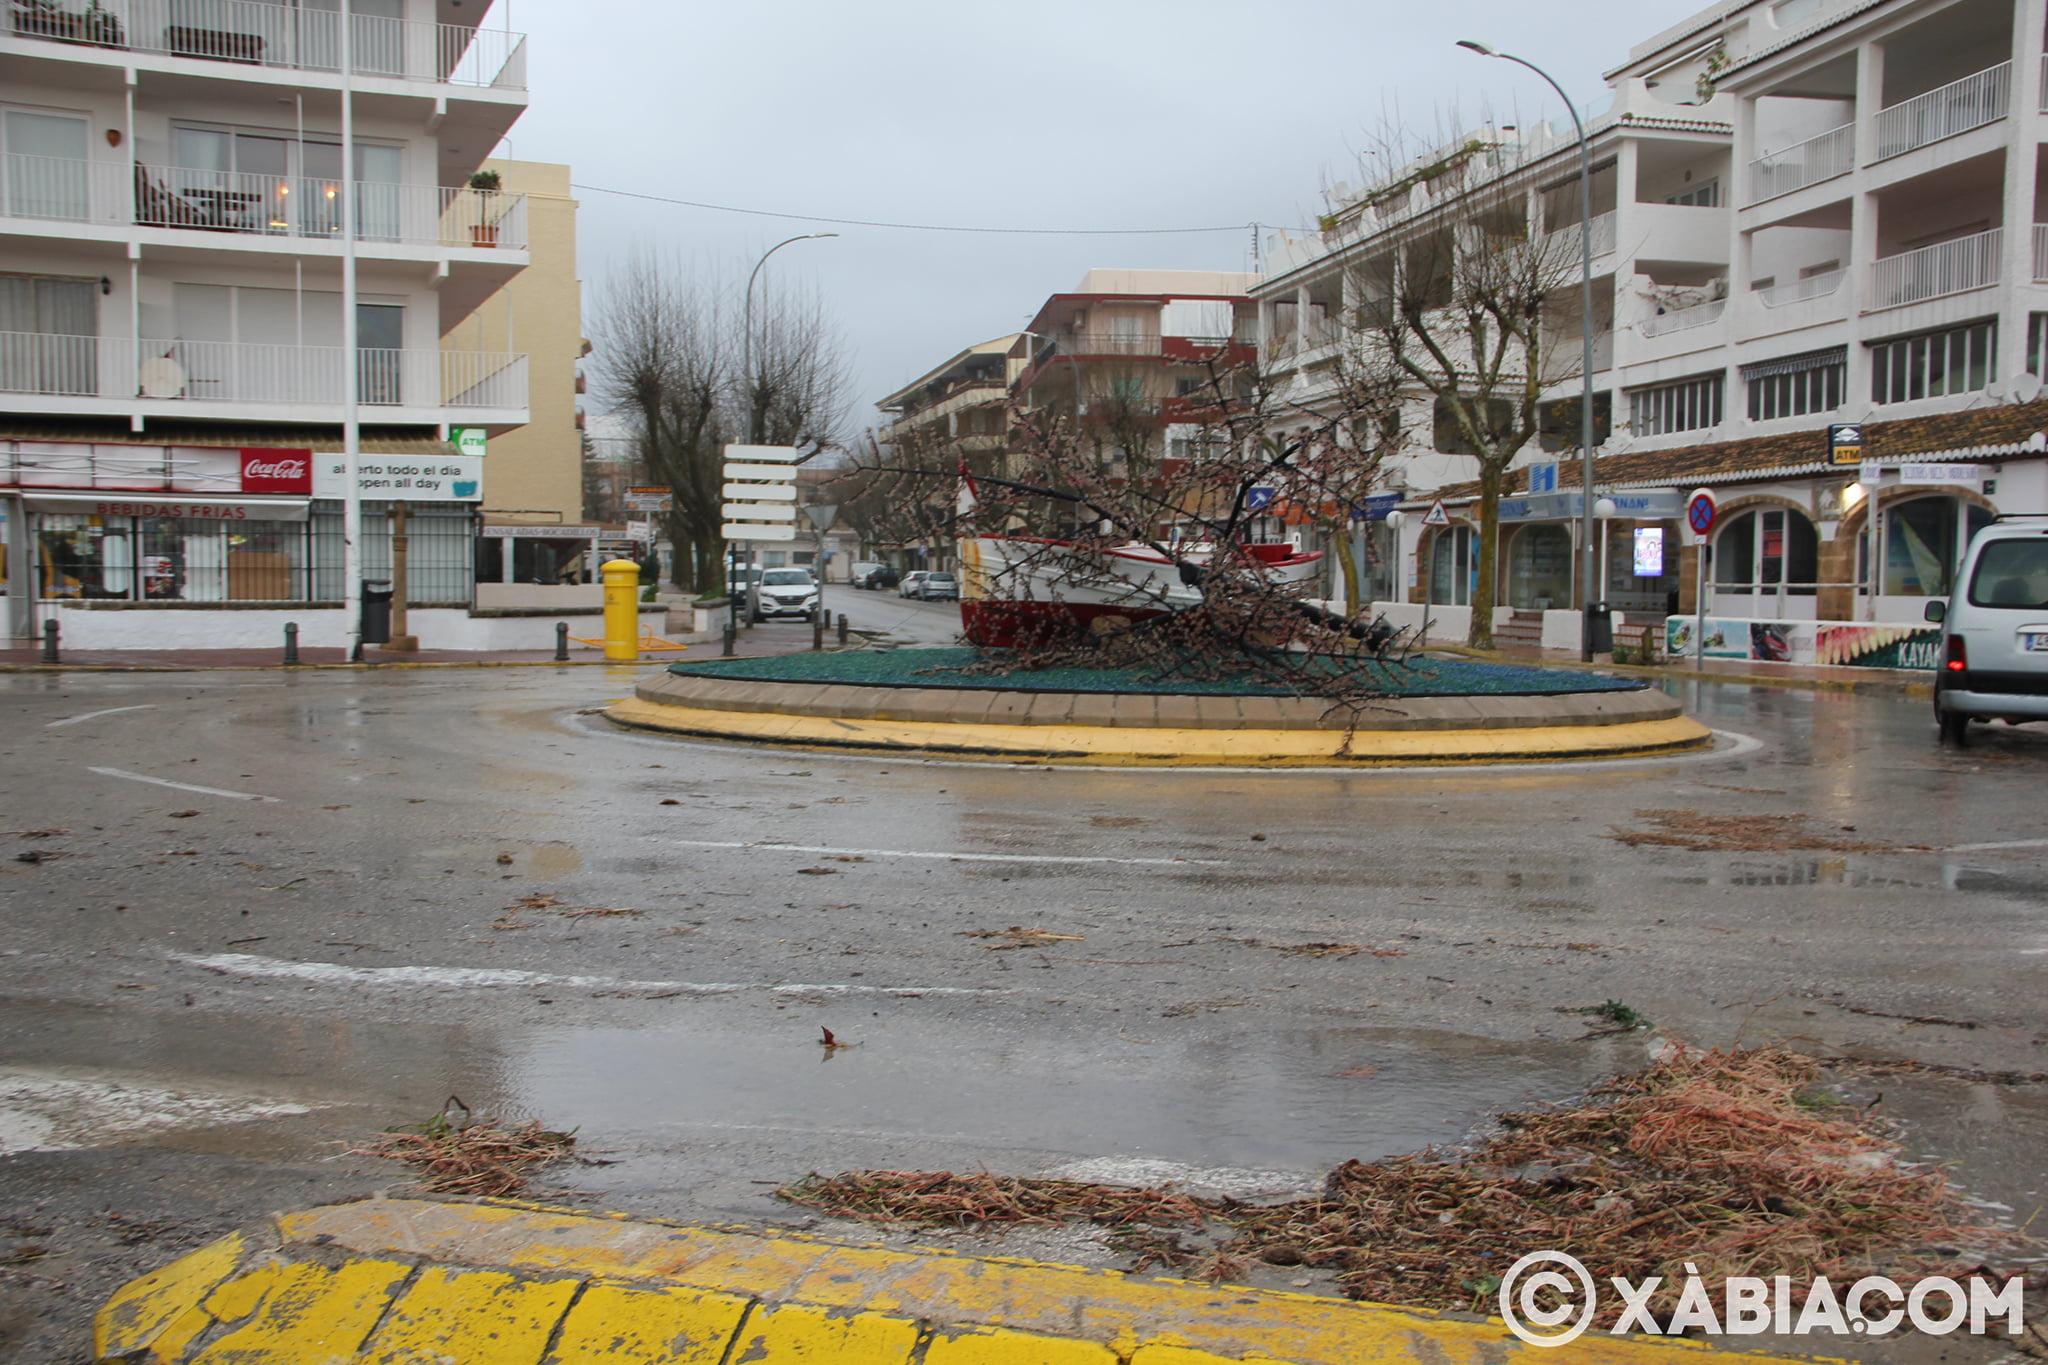 Brandelli di pioggia, vento e mare in Xàbia (33)